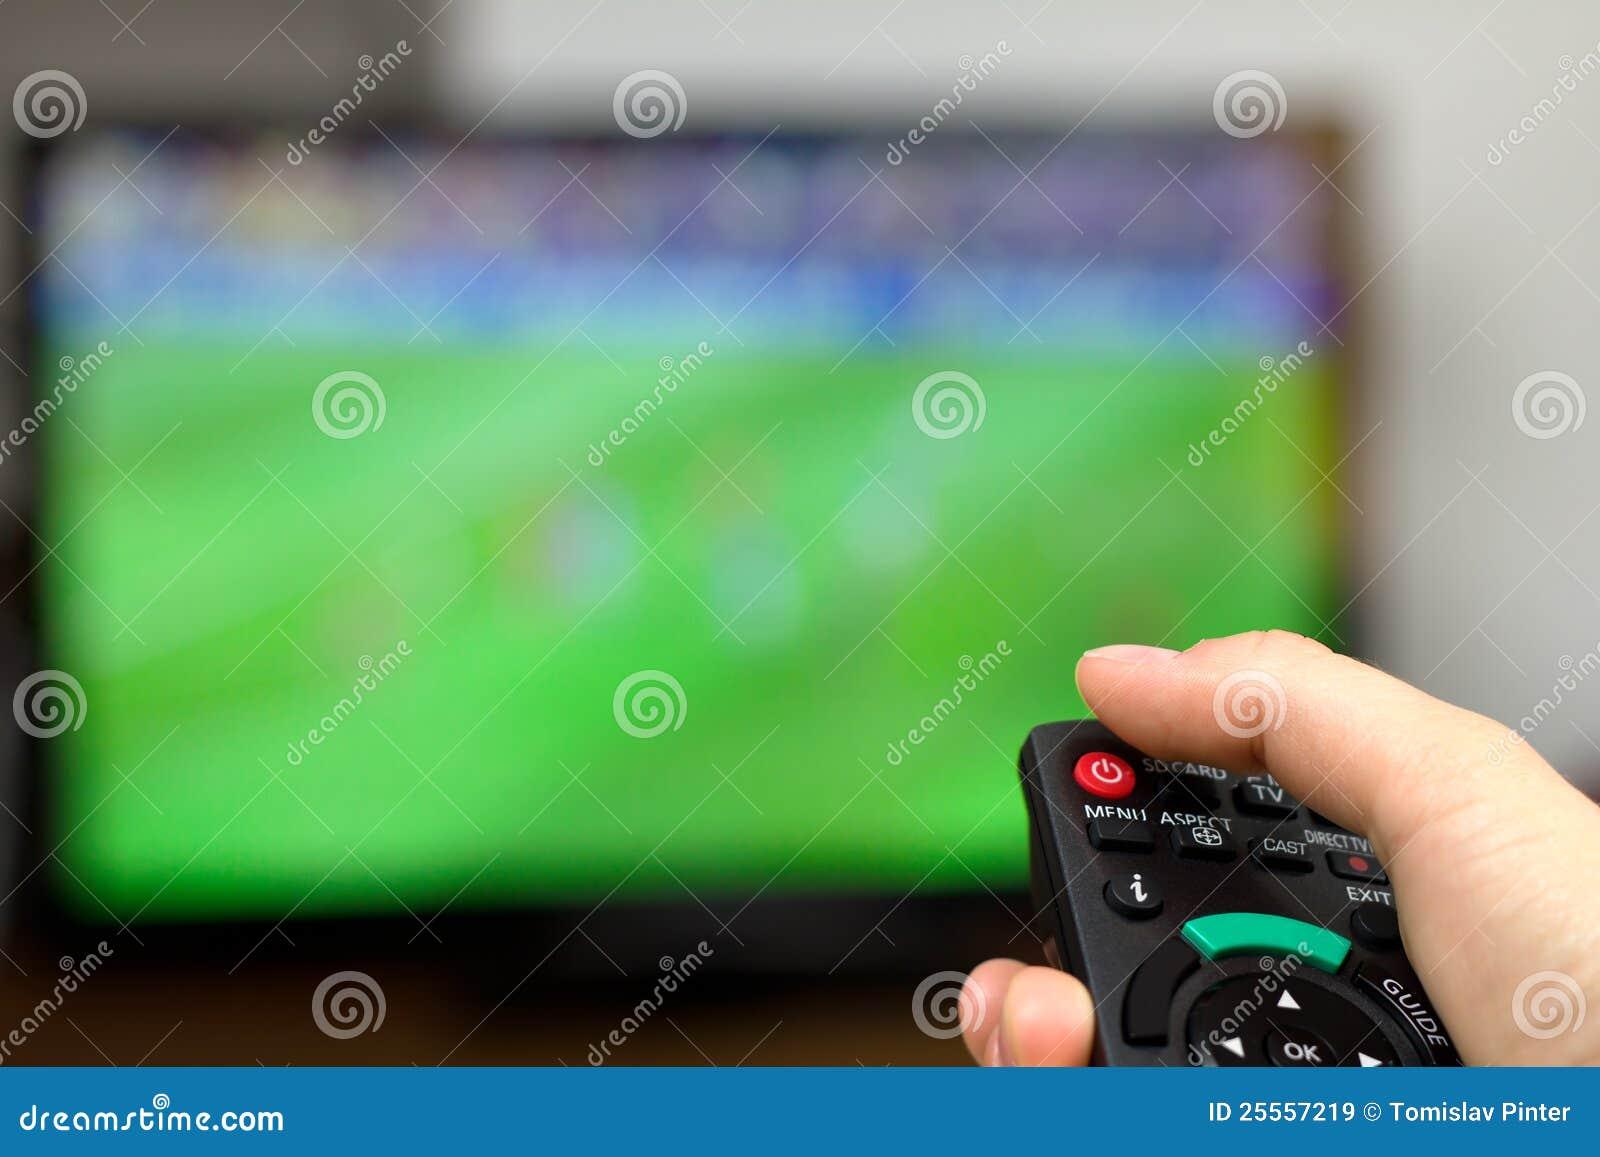 Turn on/off TV